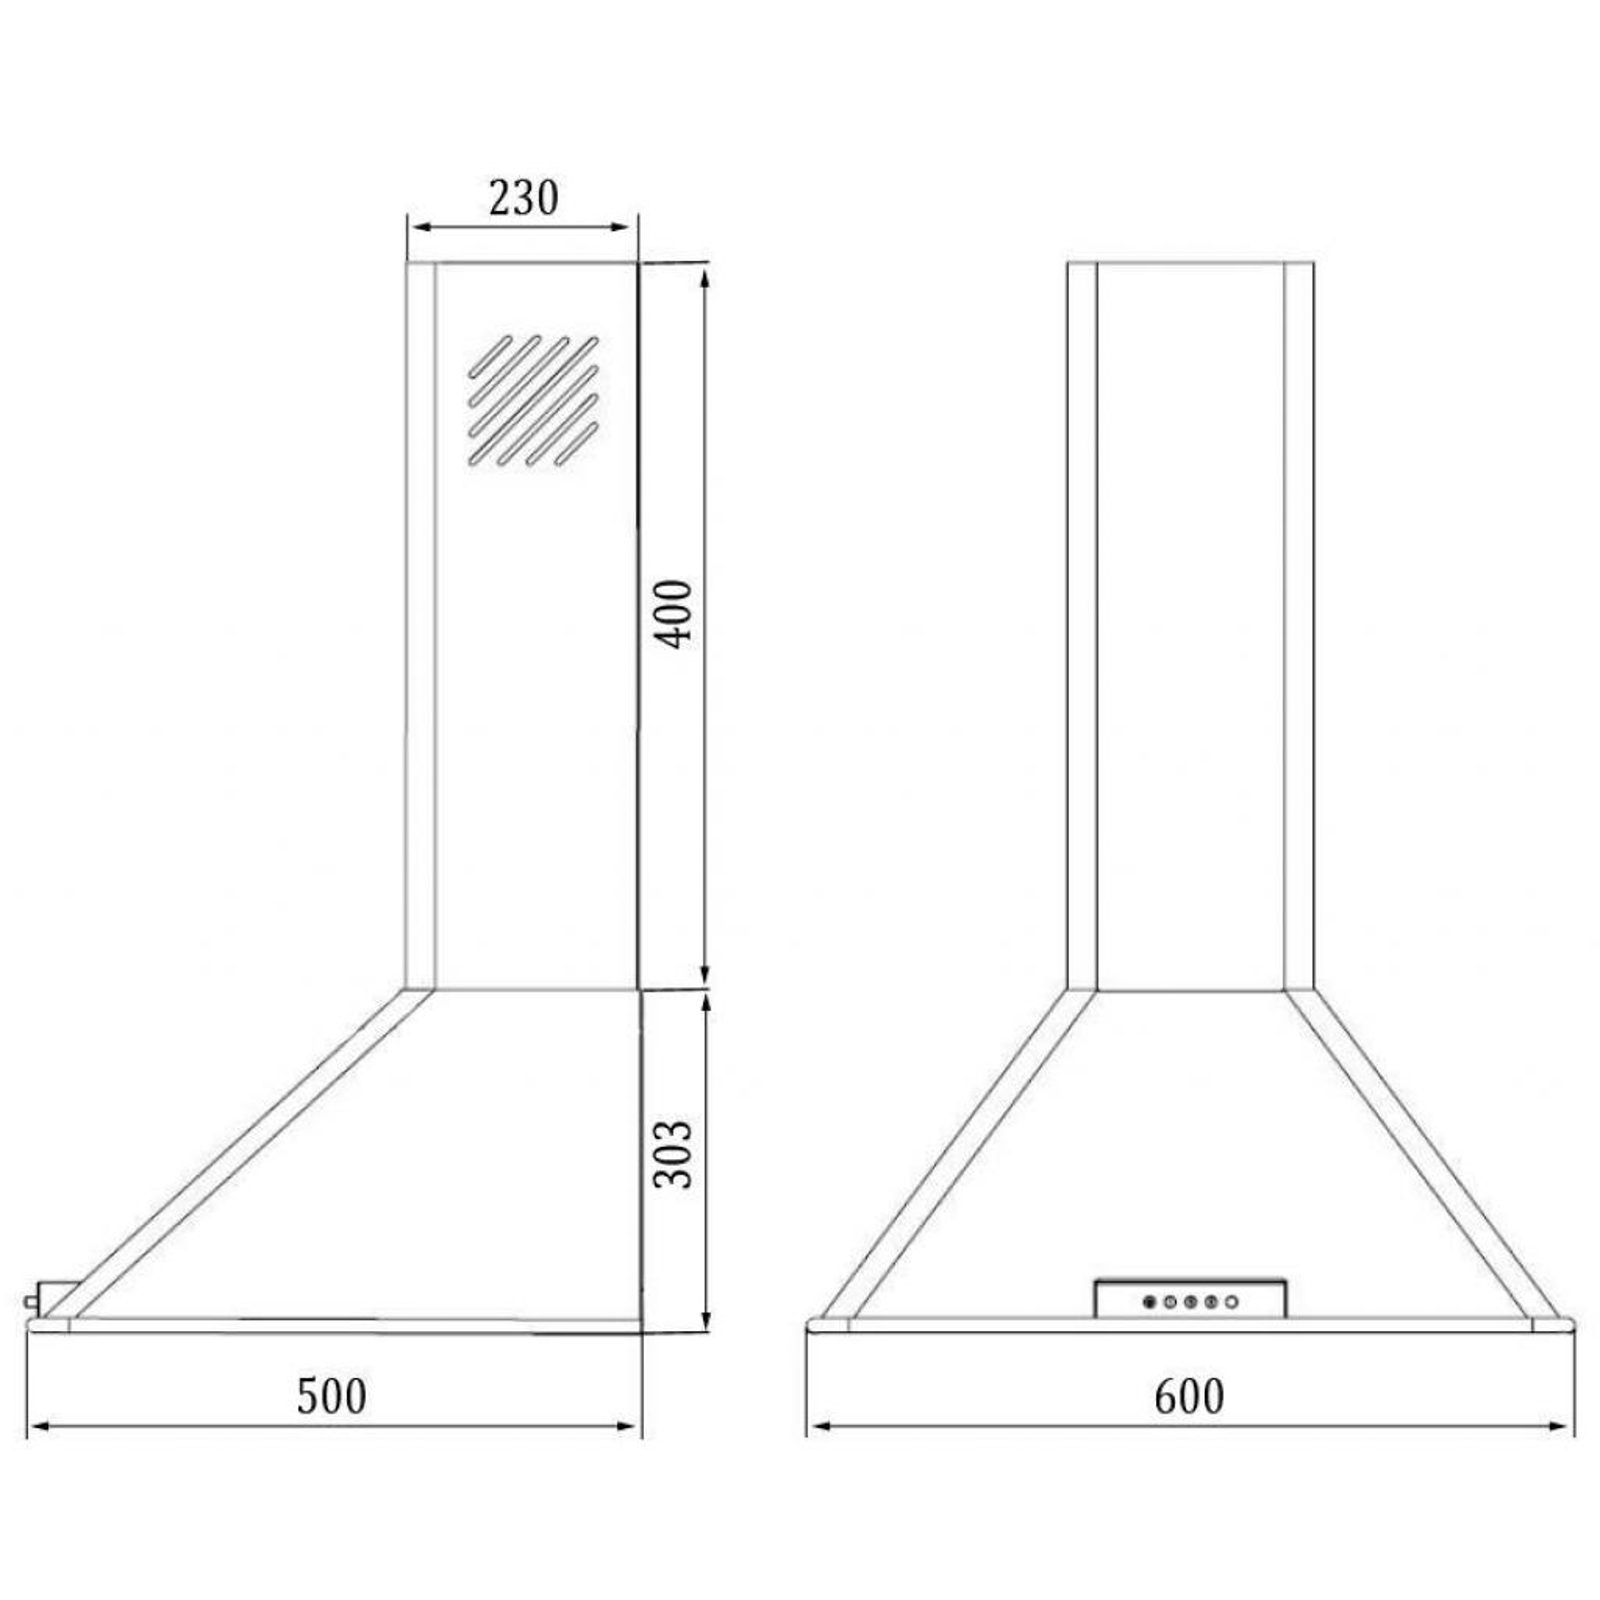 Вытяжка кухонная GUNTER&HAUER INARA 60 изображение 2